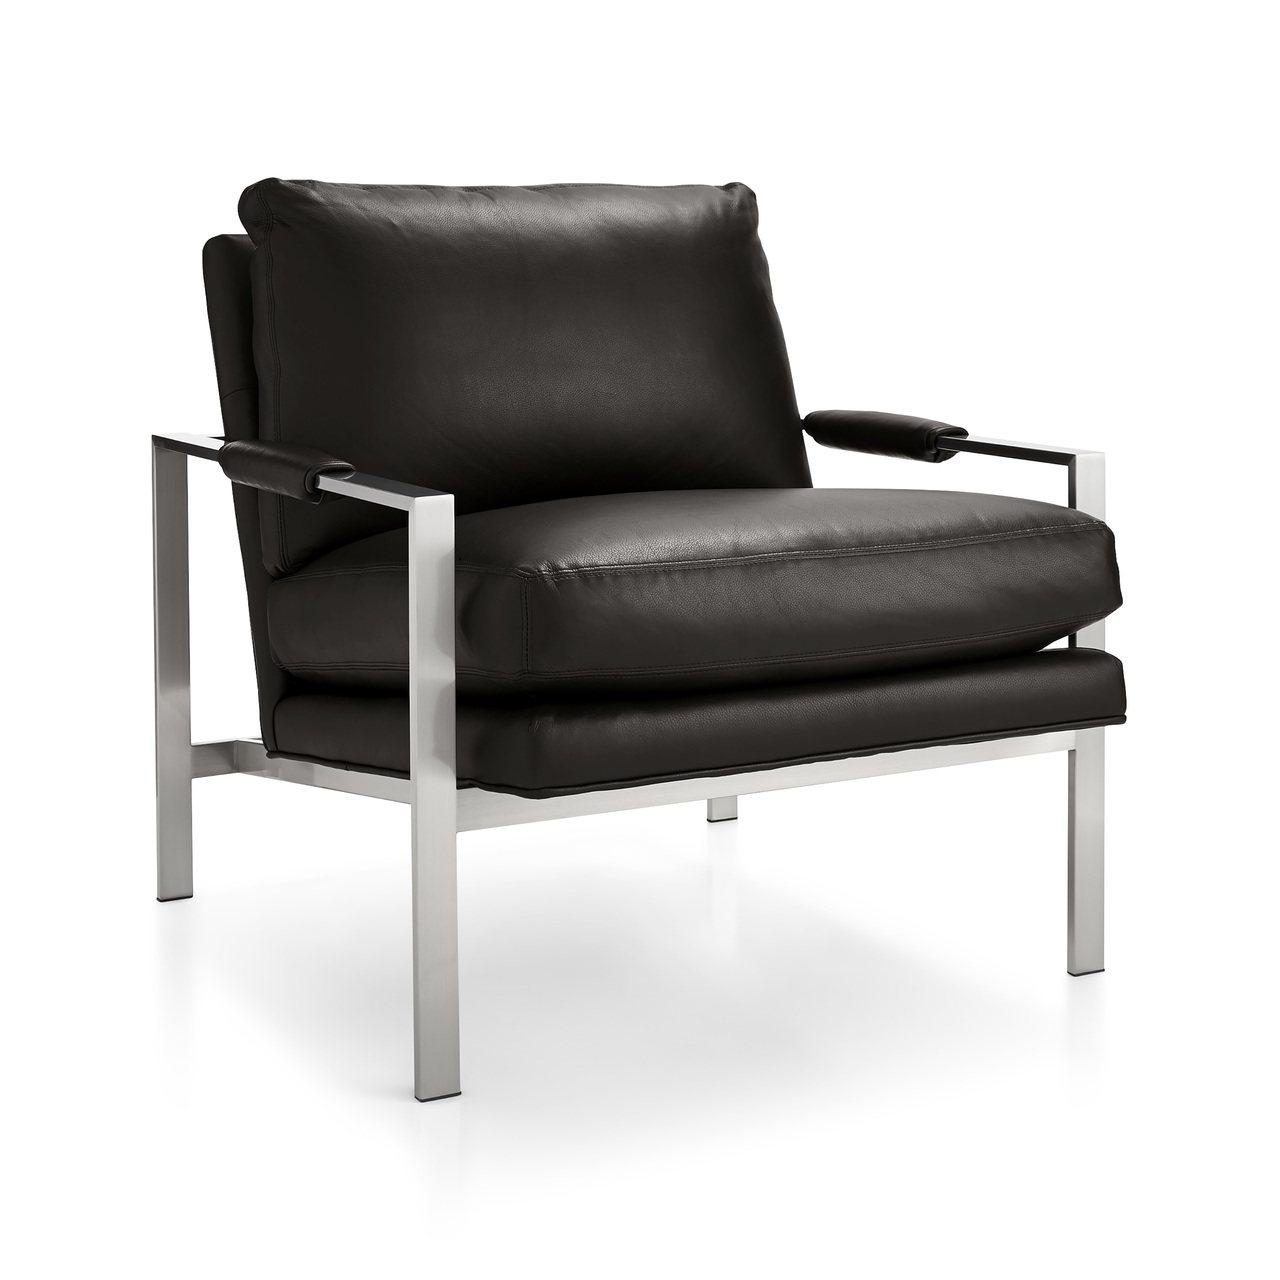 Milo經典皮質單人椅黑,原價115,000元,特價68,425元。圖/Crat...